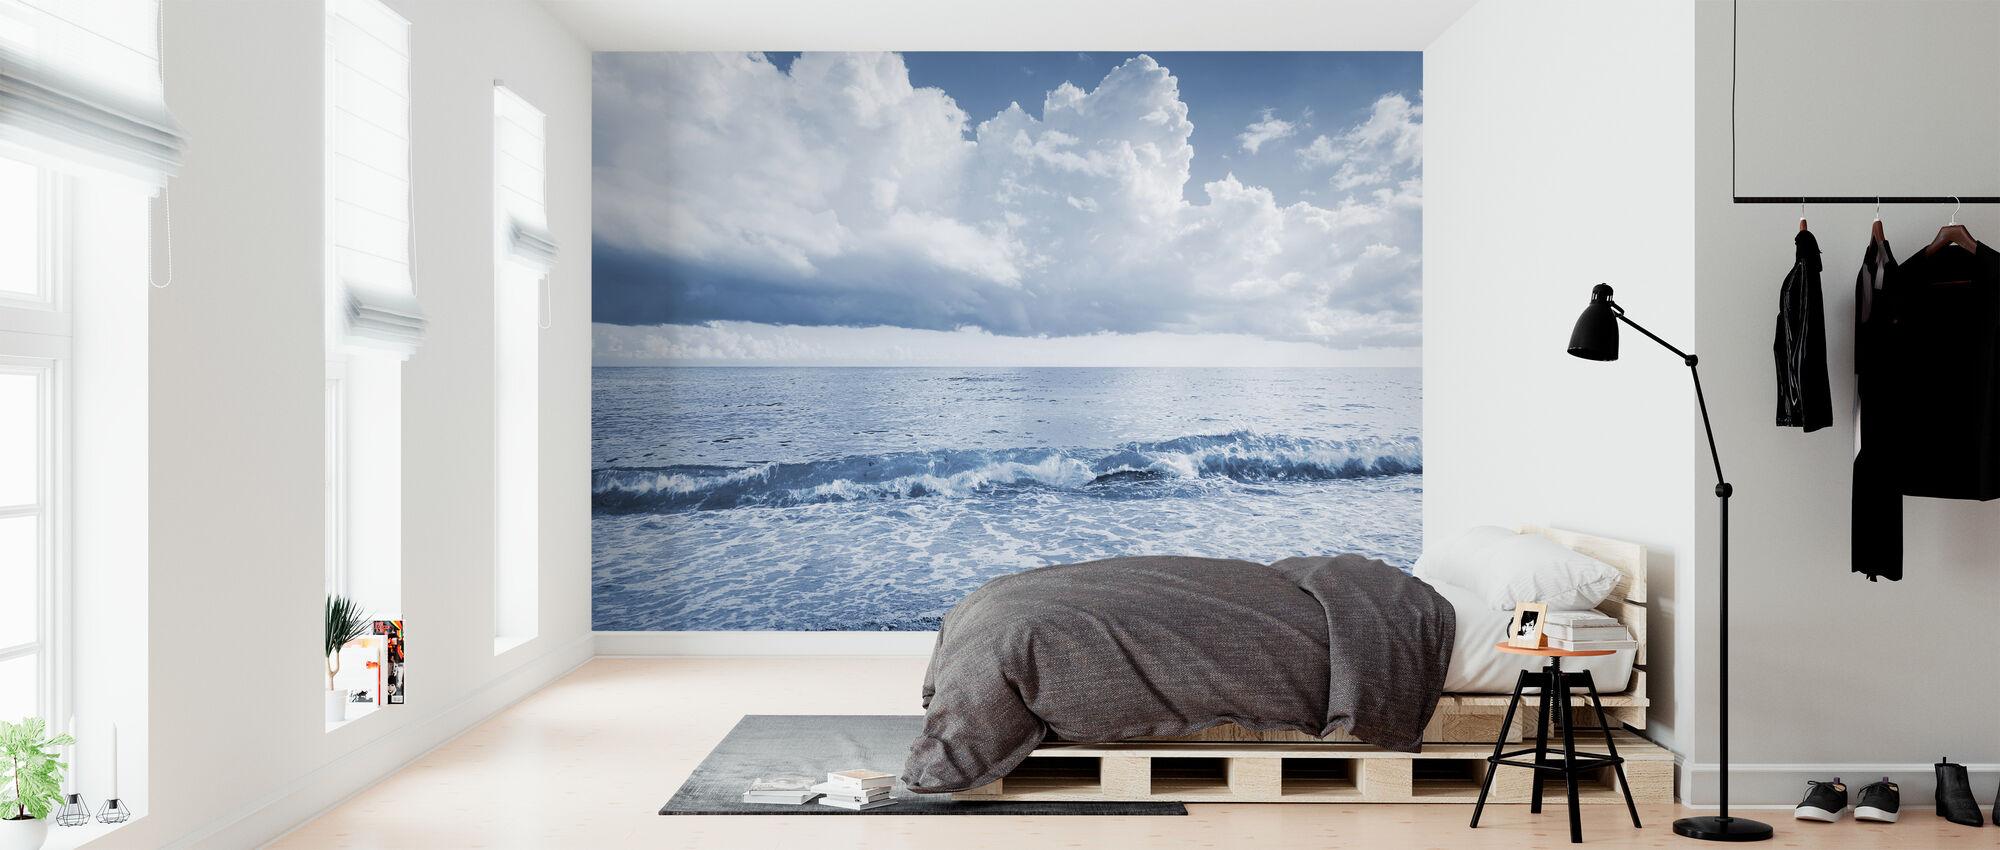 Morze i dramatyczne chmury - Tapeta - Sypialnia